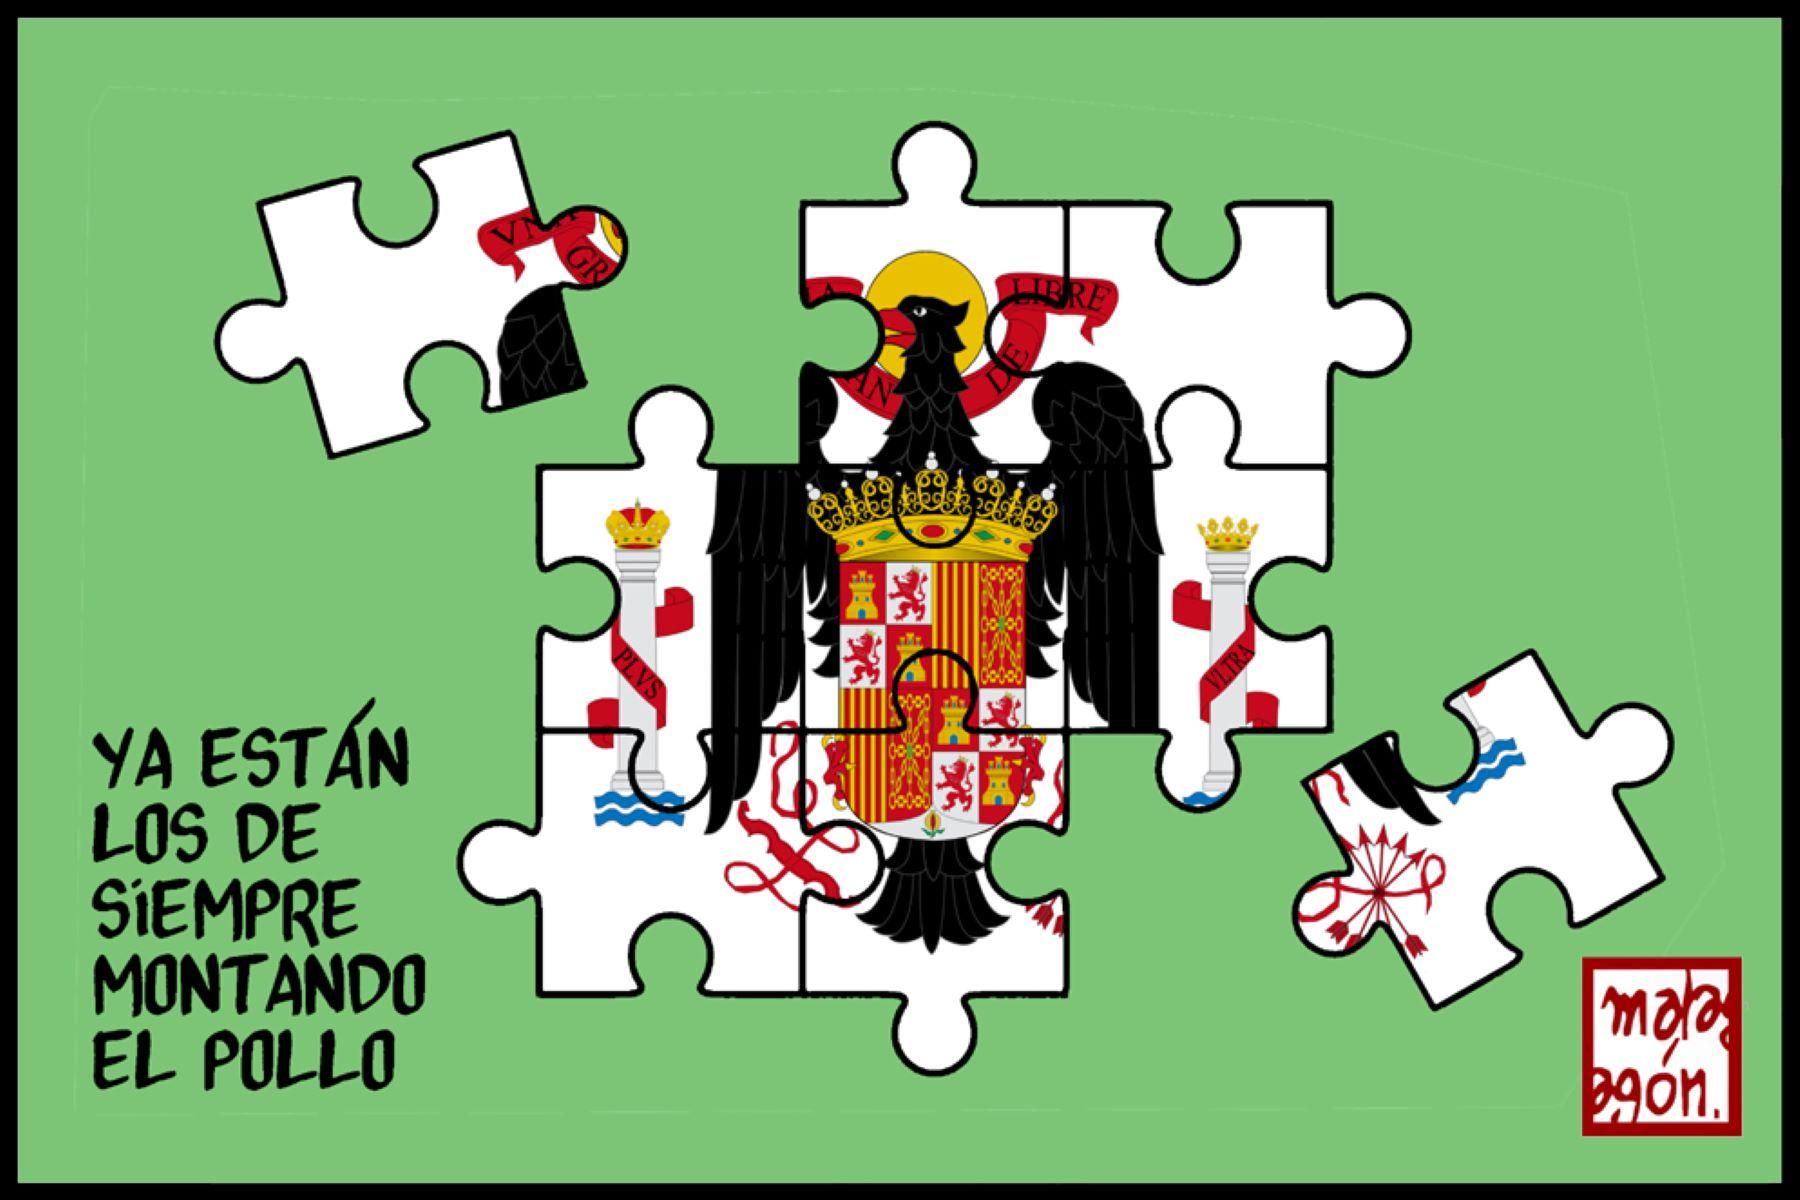 <p>El Pollo</p>